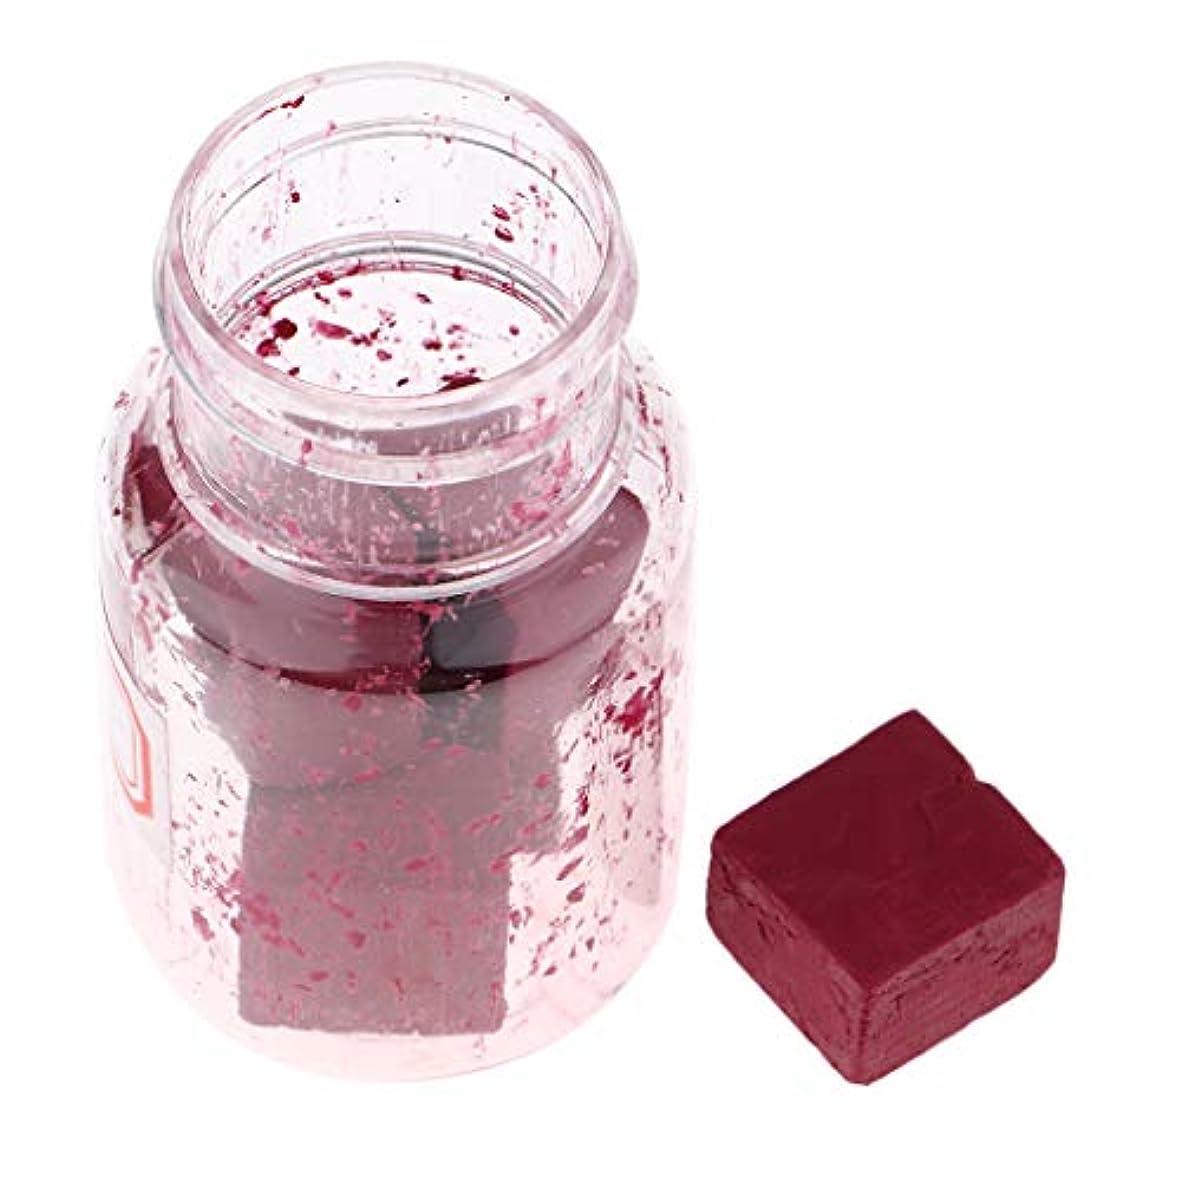 先のことを考えるカプラー想像力Toygogo DIY 口紅作り 顔料 リップスティック作り 無ワックス 無粉砕 9色選択でき - F